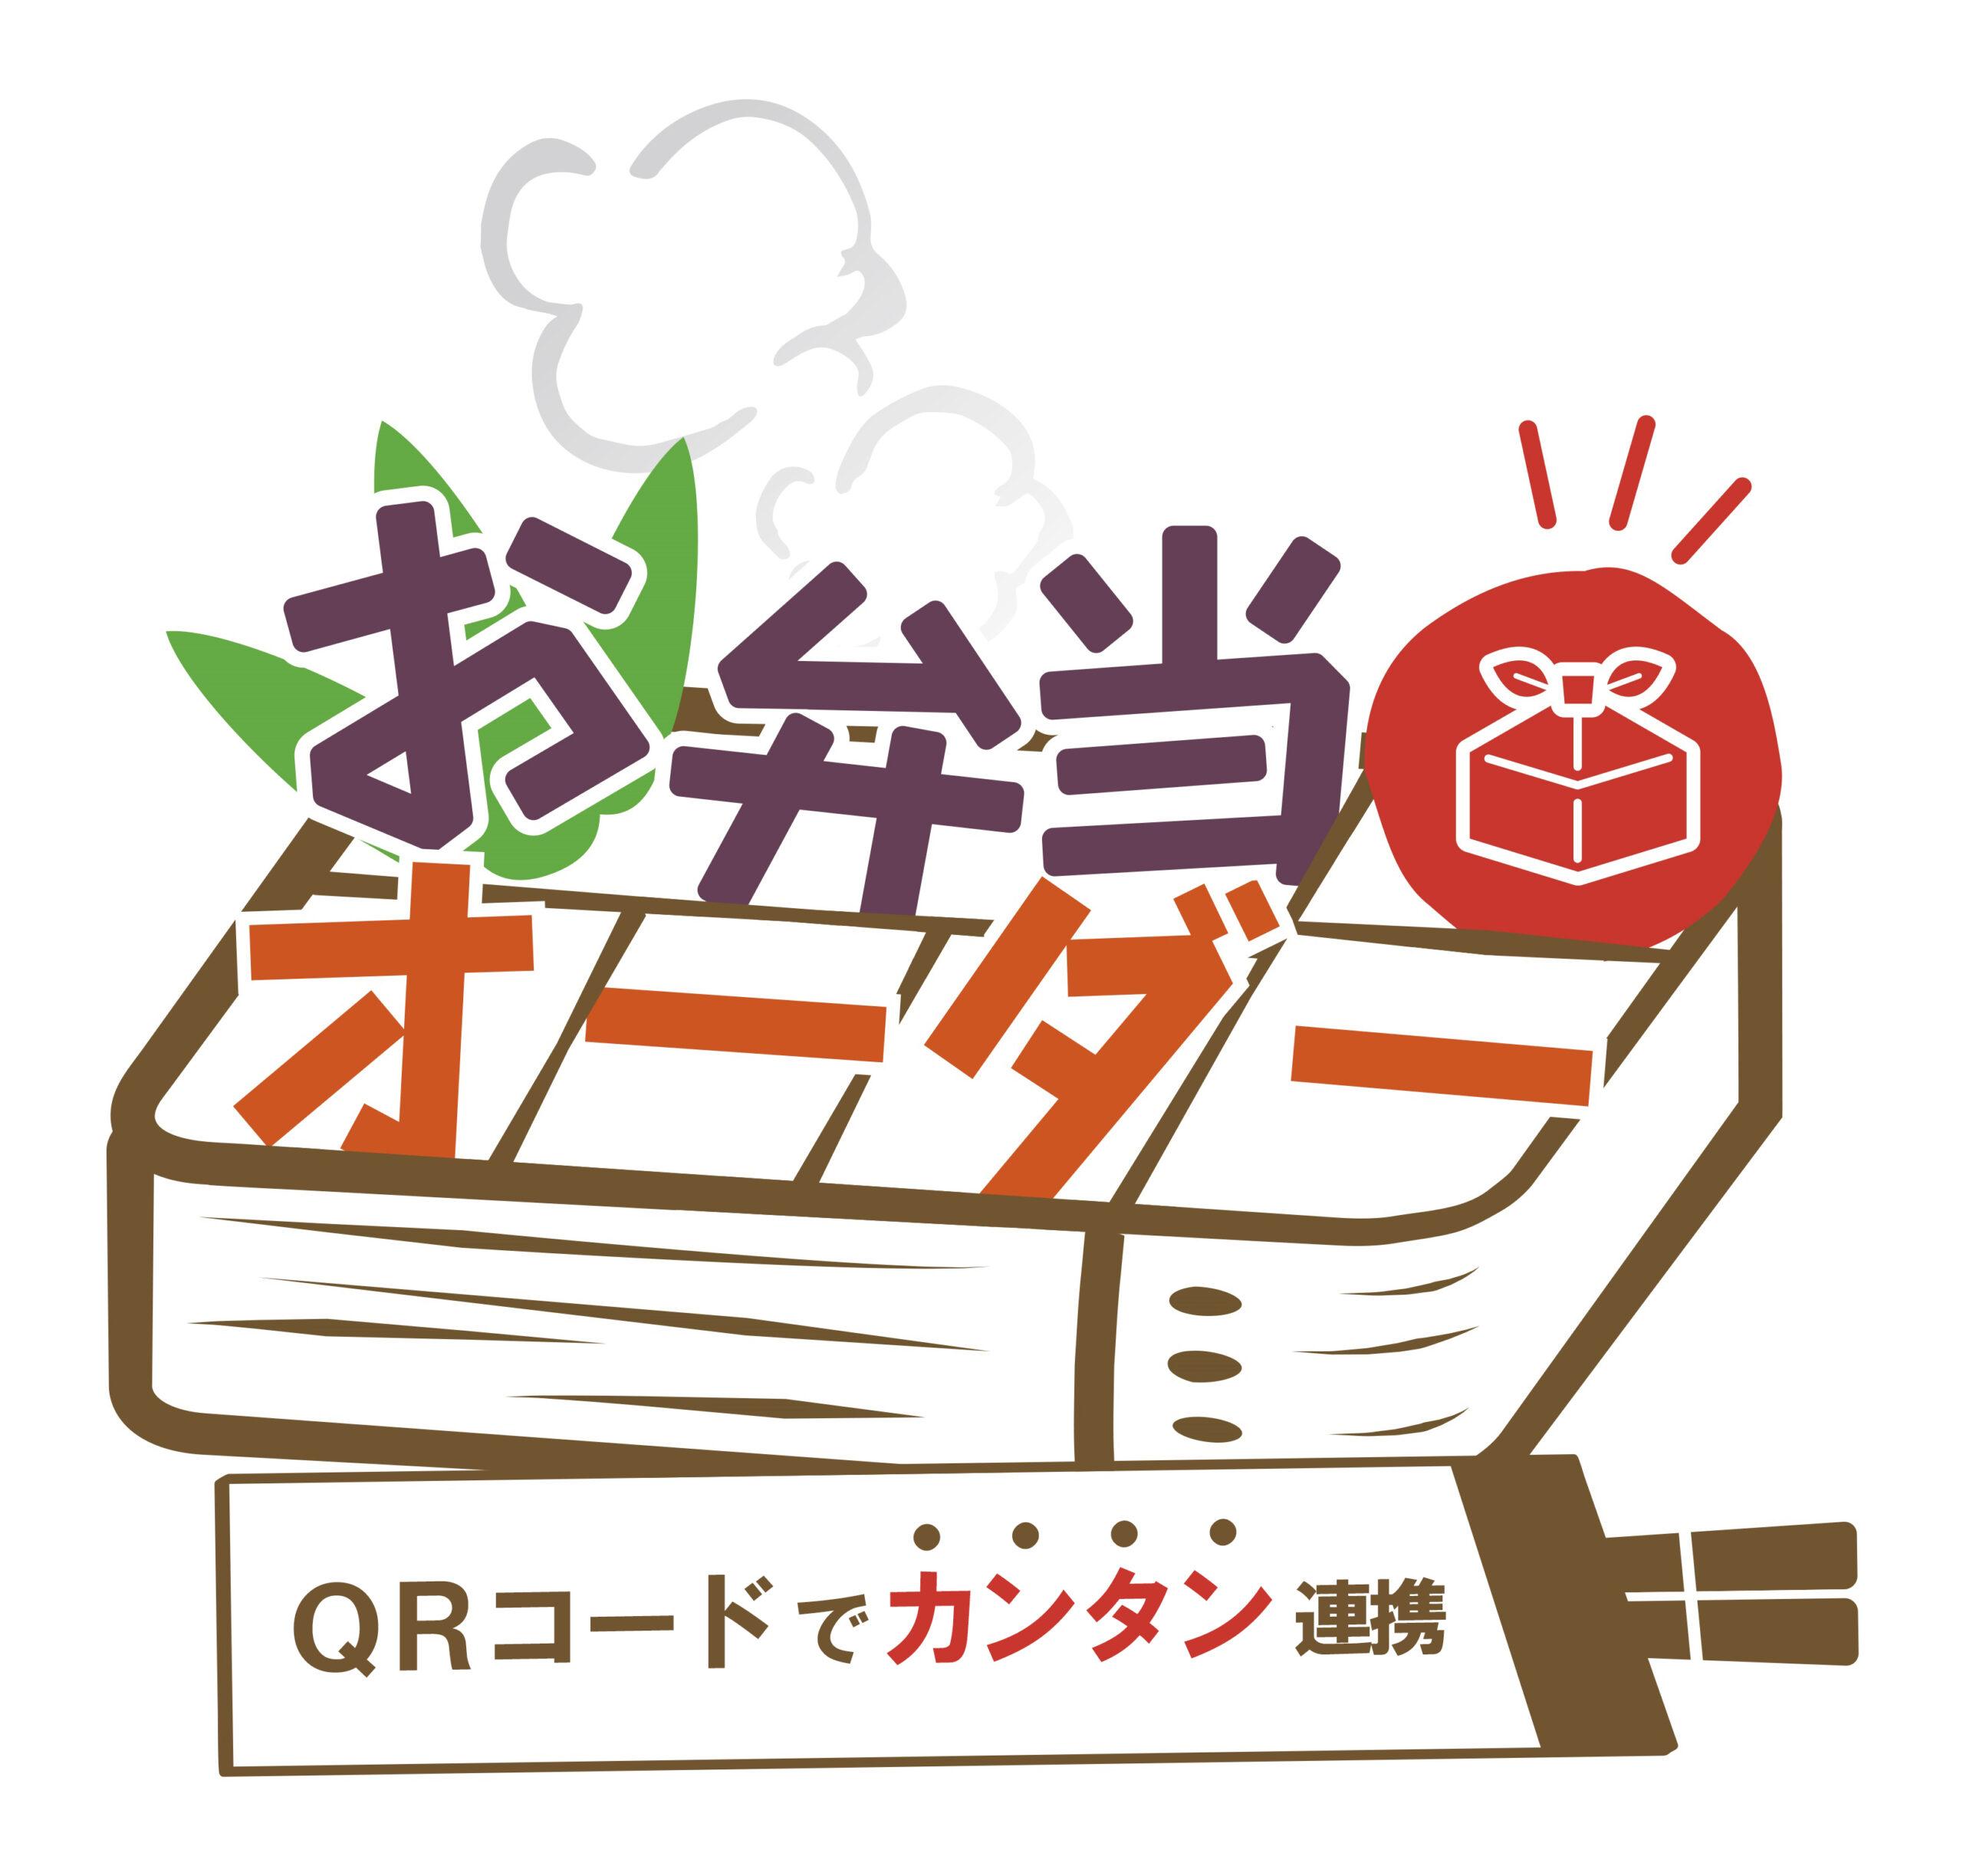 お弁当オーダーのイメージ